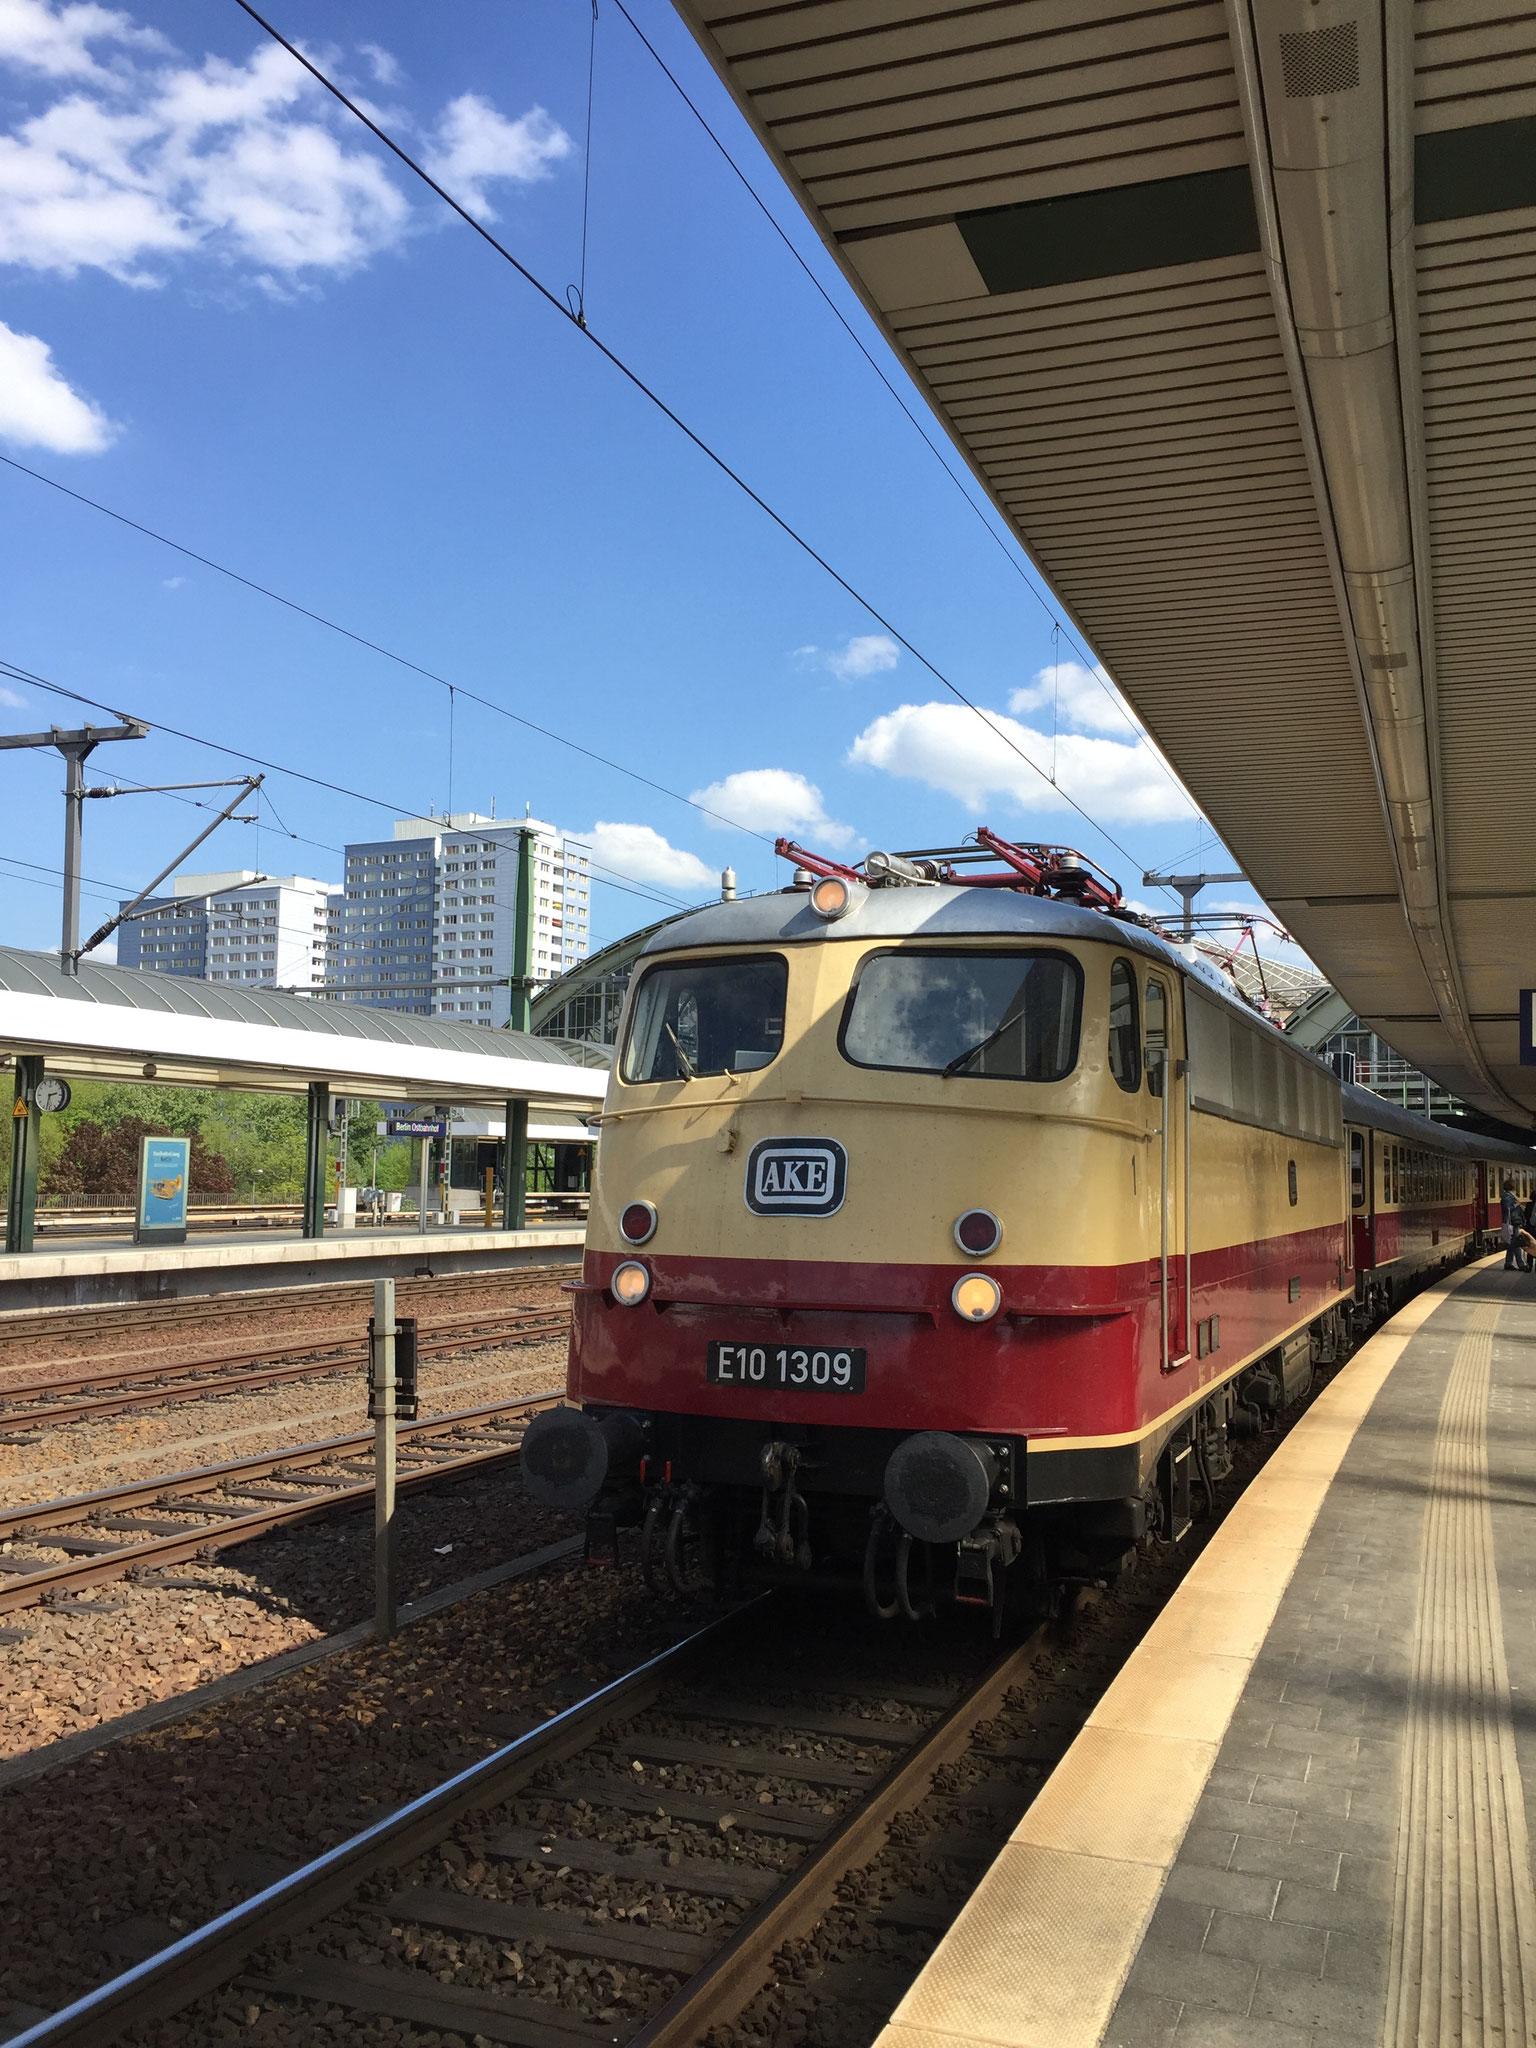 In ihrer alten Farbgebung wird die E10 (BR 103) den Zug mit möglichen 200 km/h ziehen.